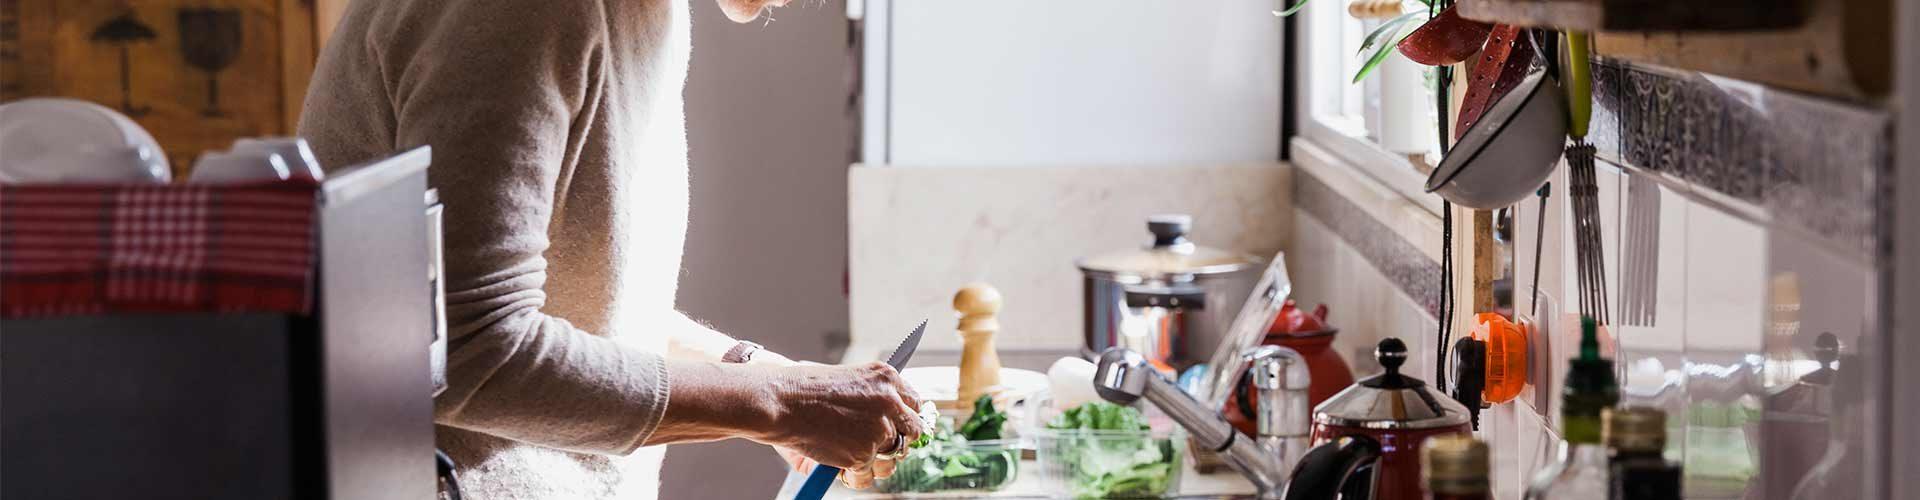 Dietas metabolicas para adelgazar